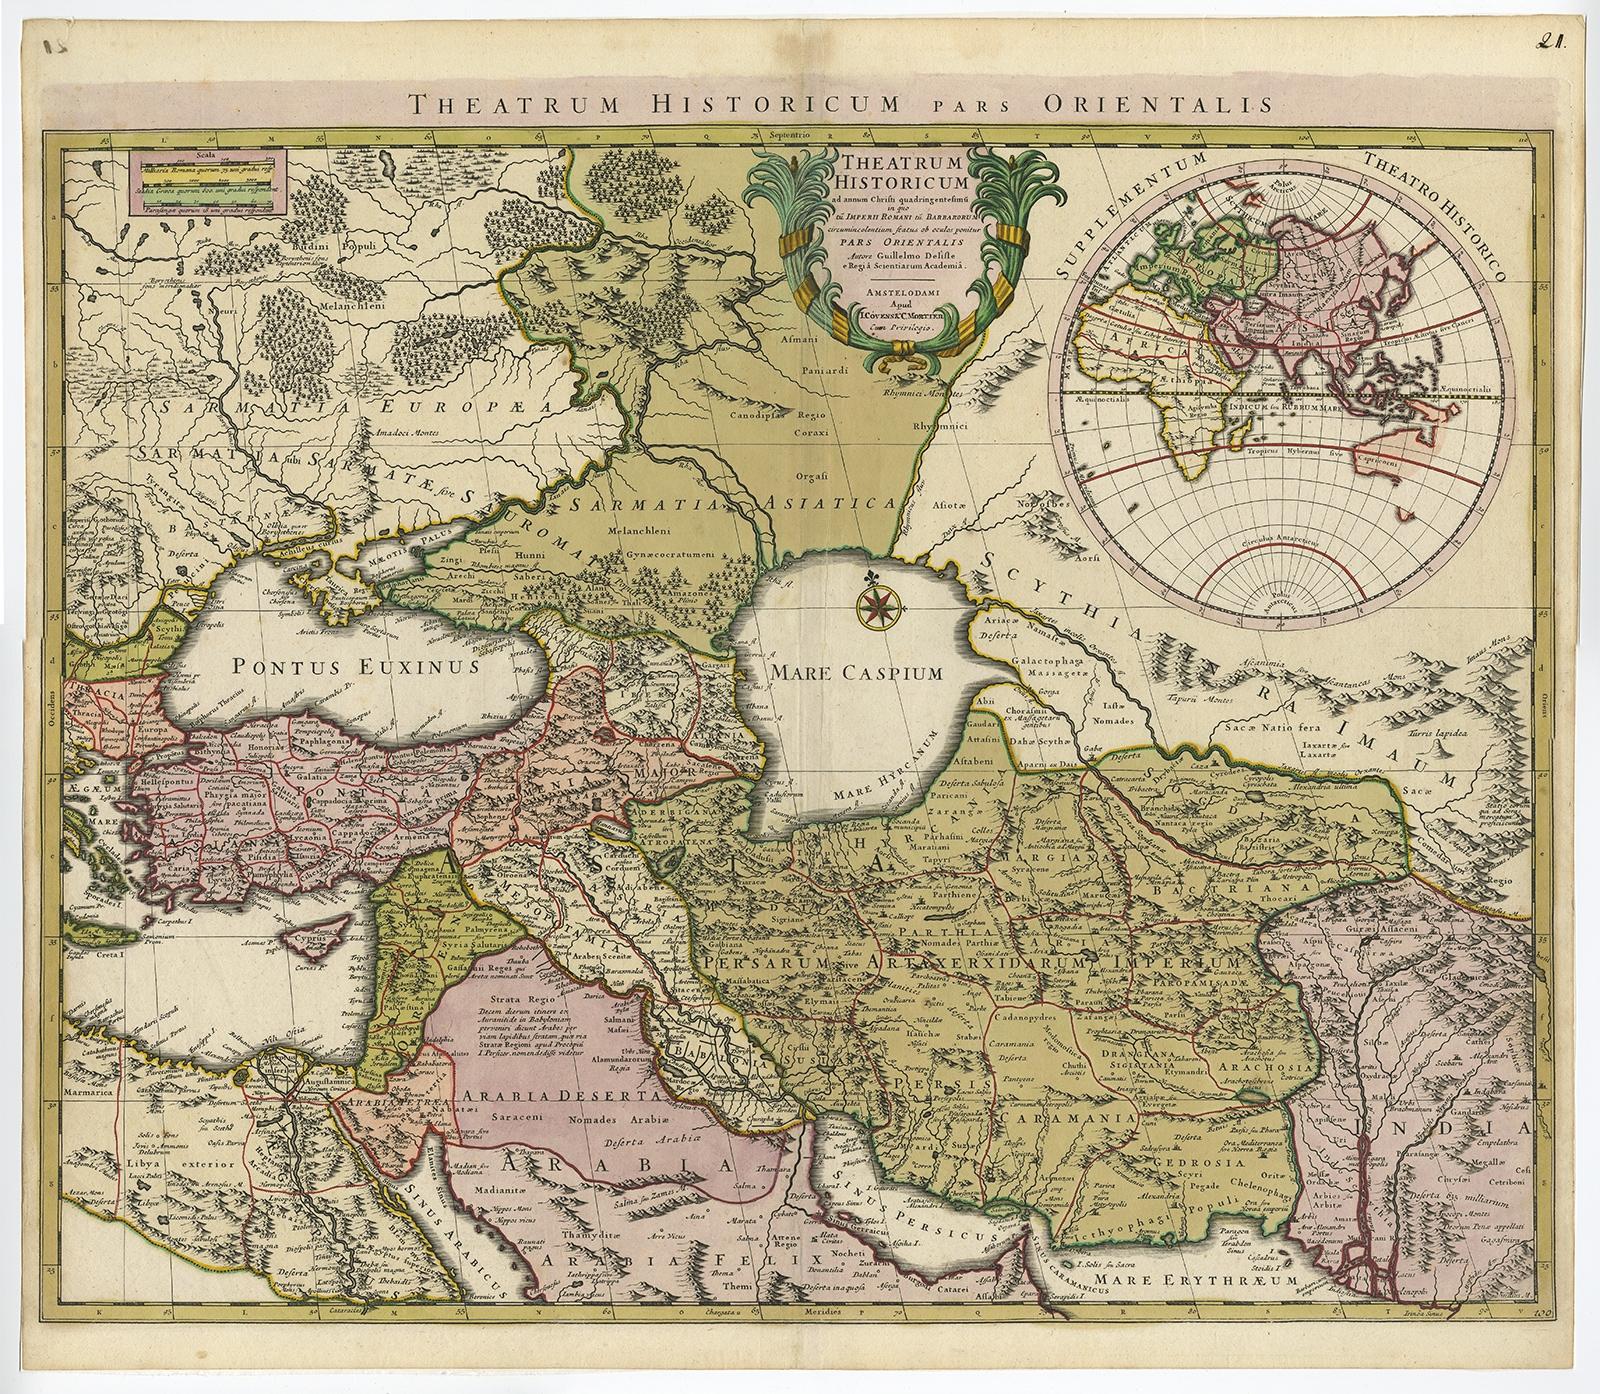 Theatrum Historicum Pars Orientalis De LIsle C - Pars map